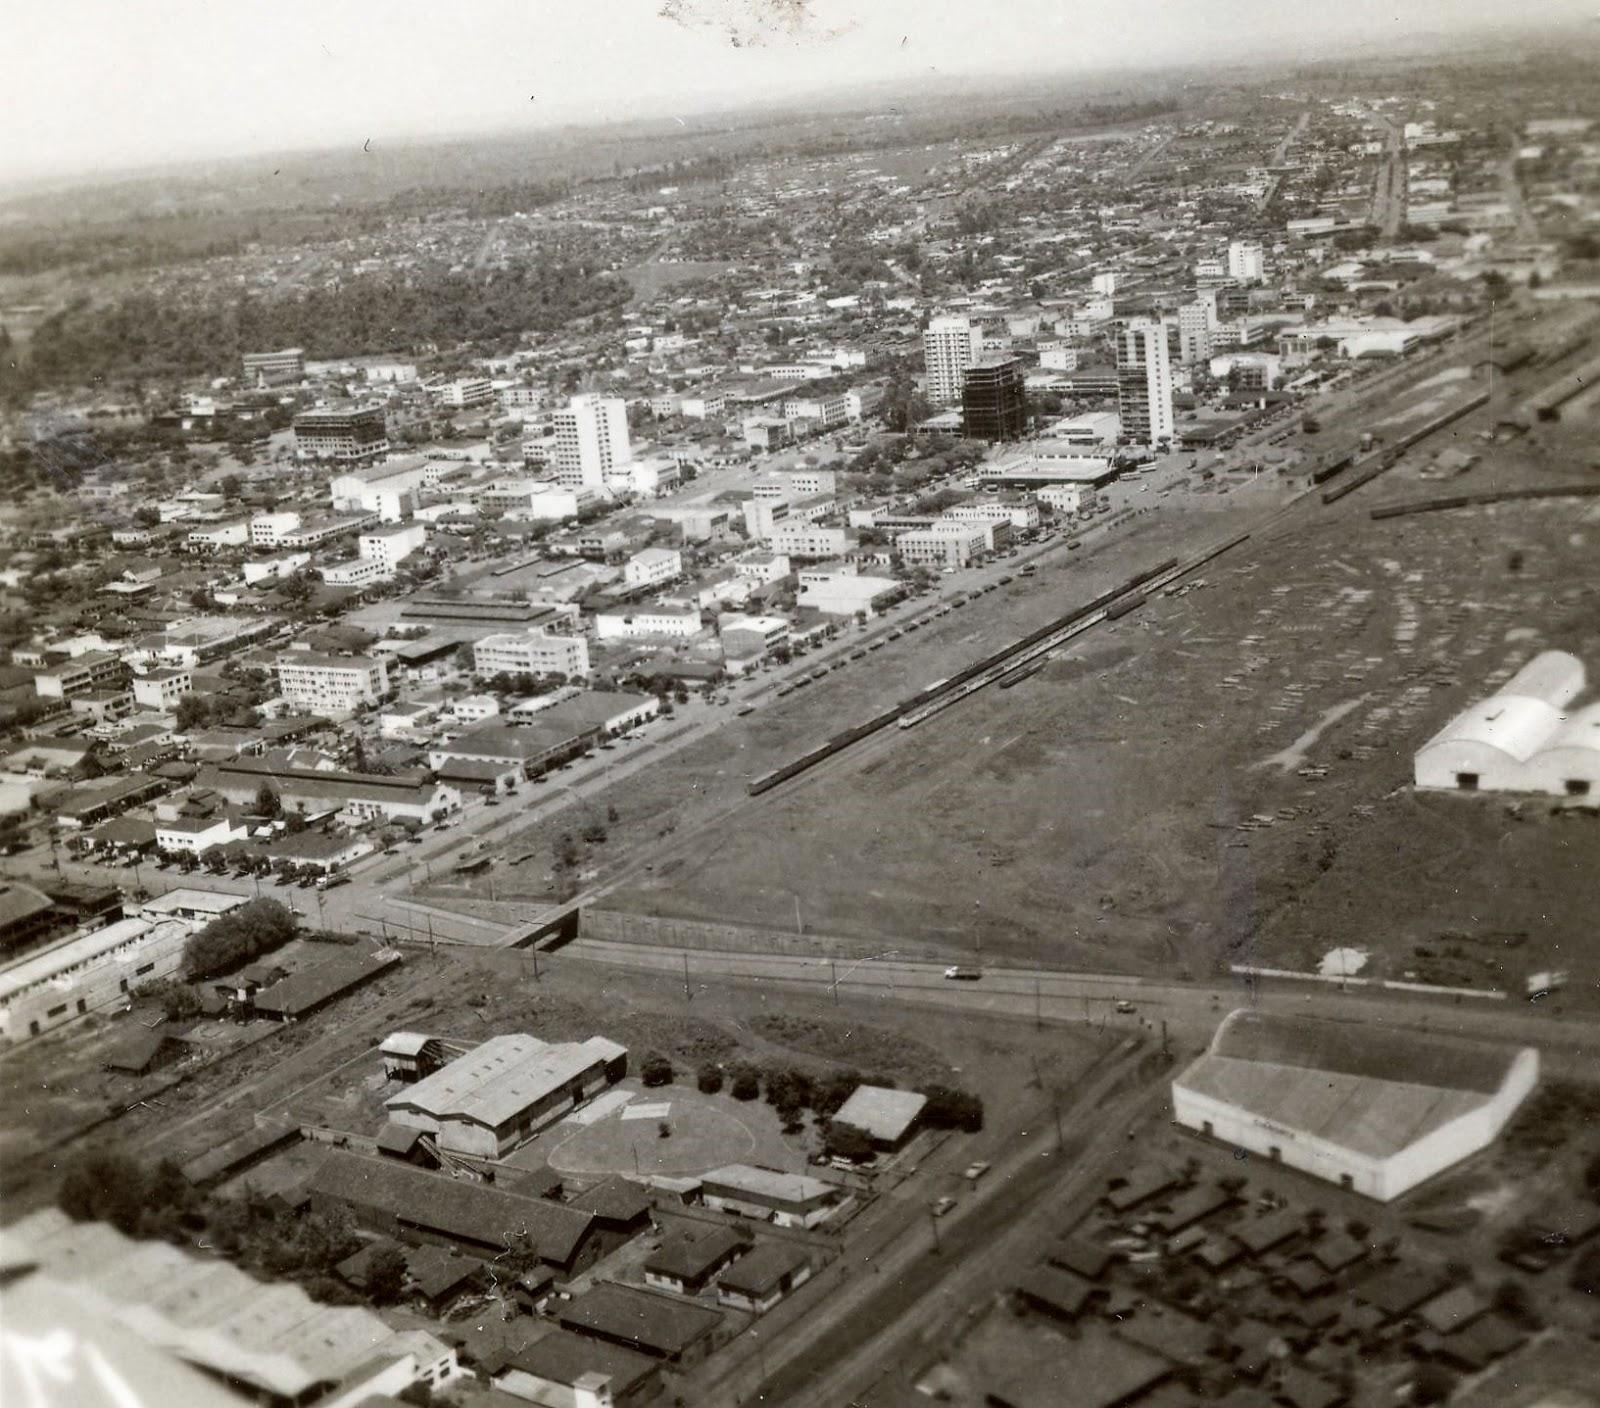 Eixo monumental - Início dos anos 1960